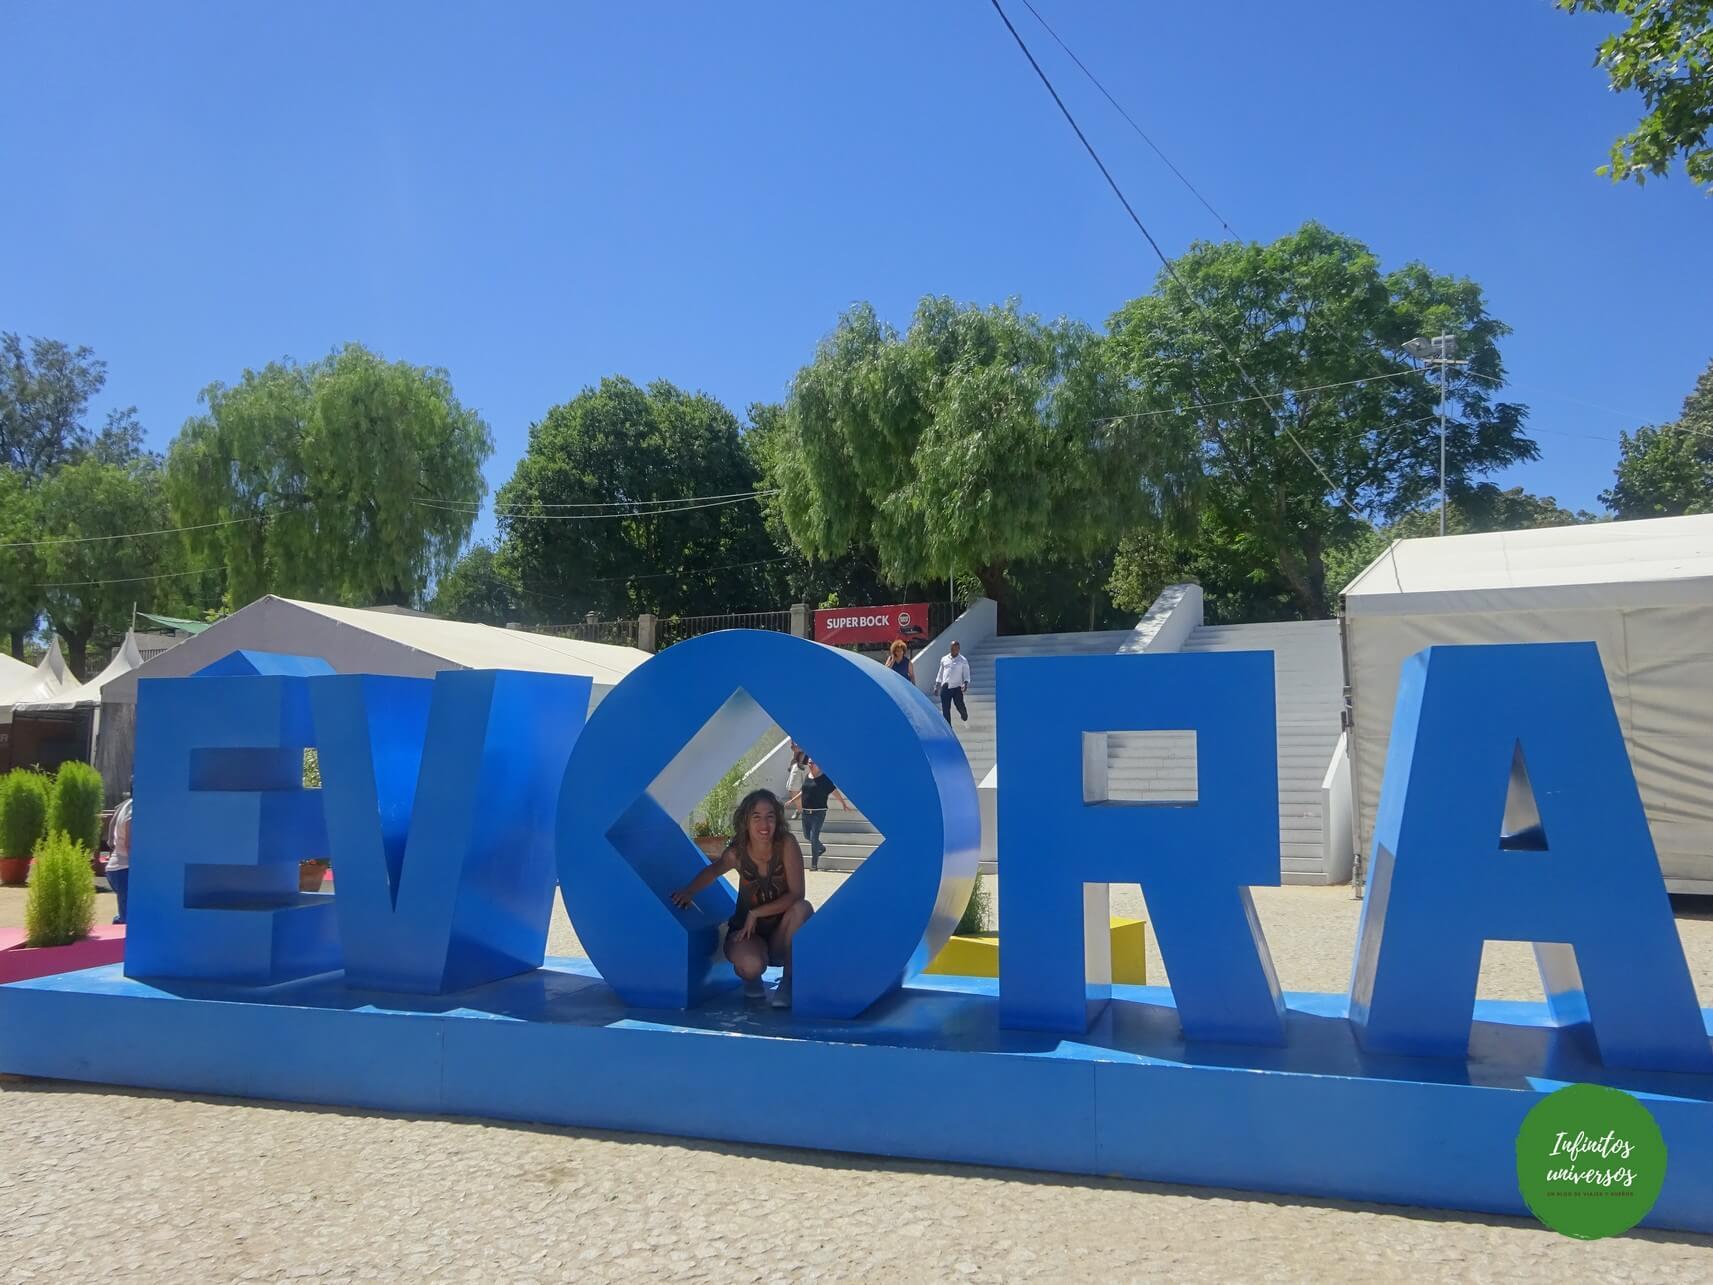 Qué ver y hacer en Évora, Portugal